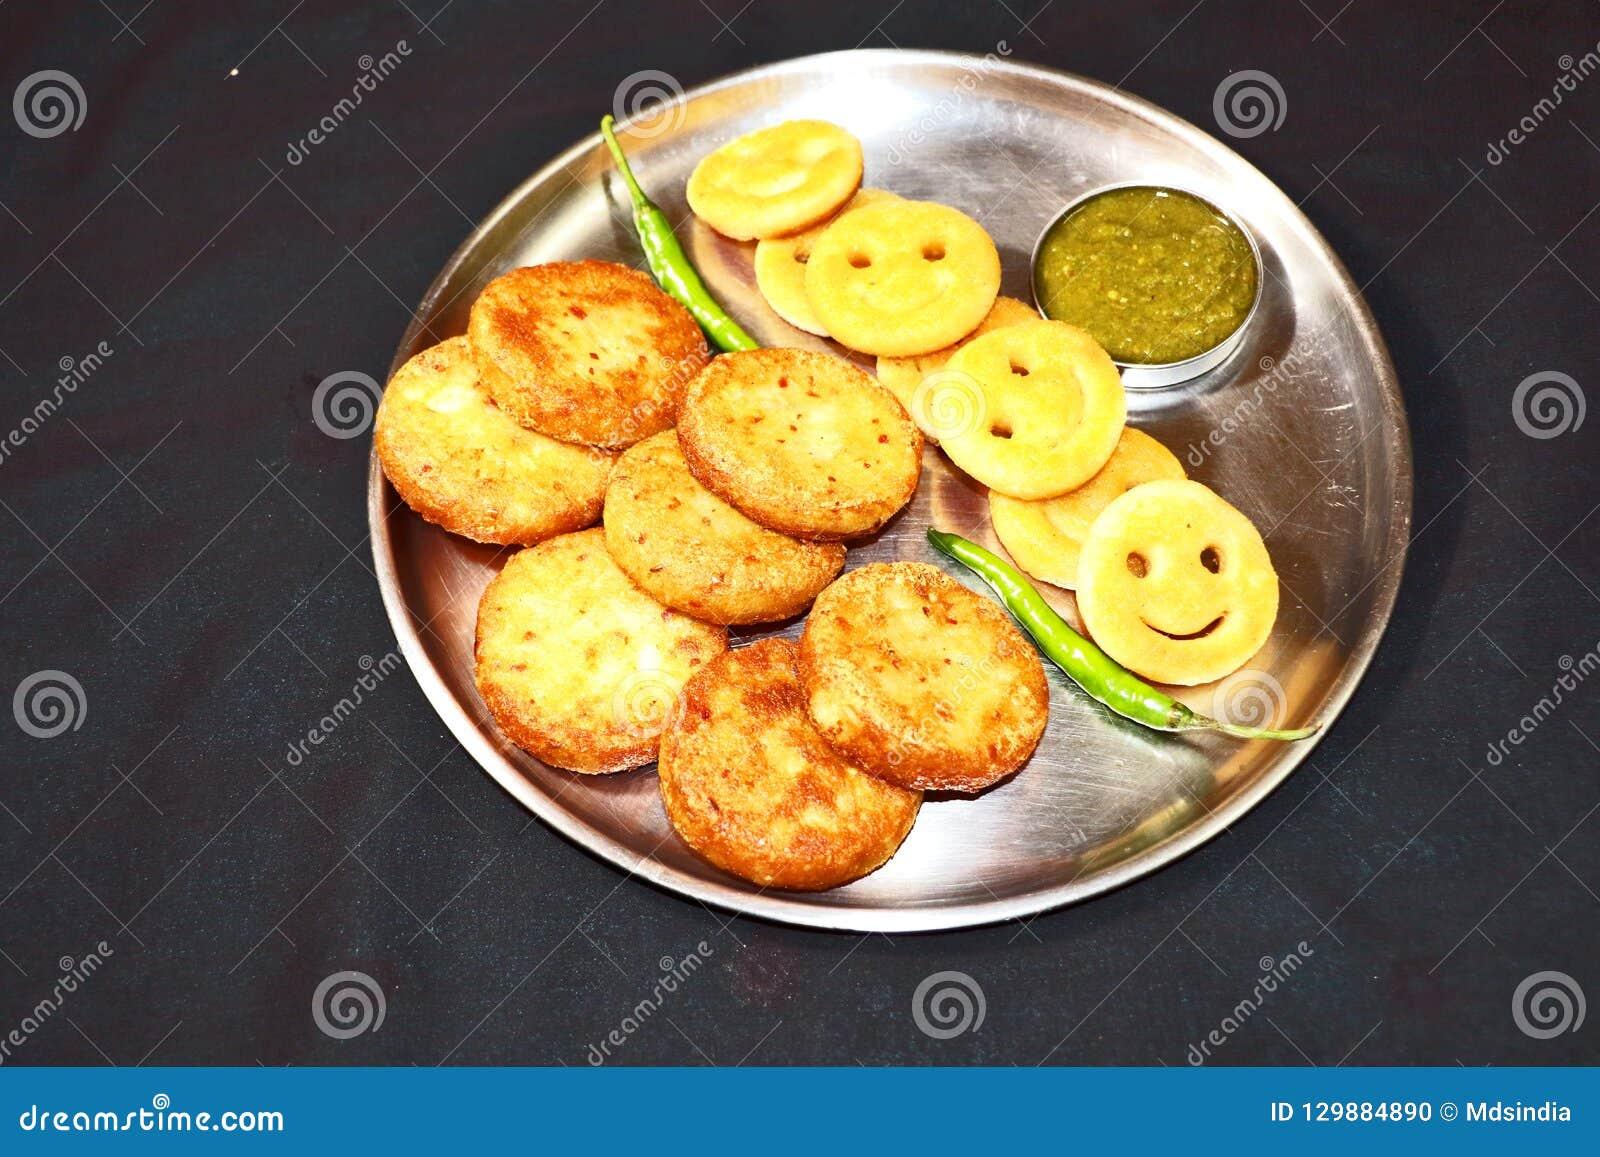 Aloo Tikki ou Fried Potato Patties